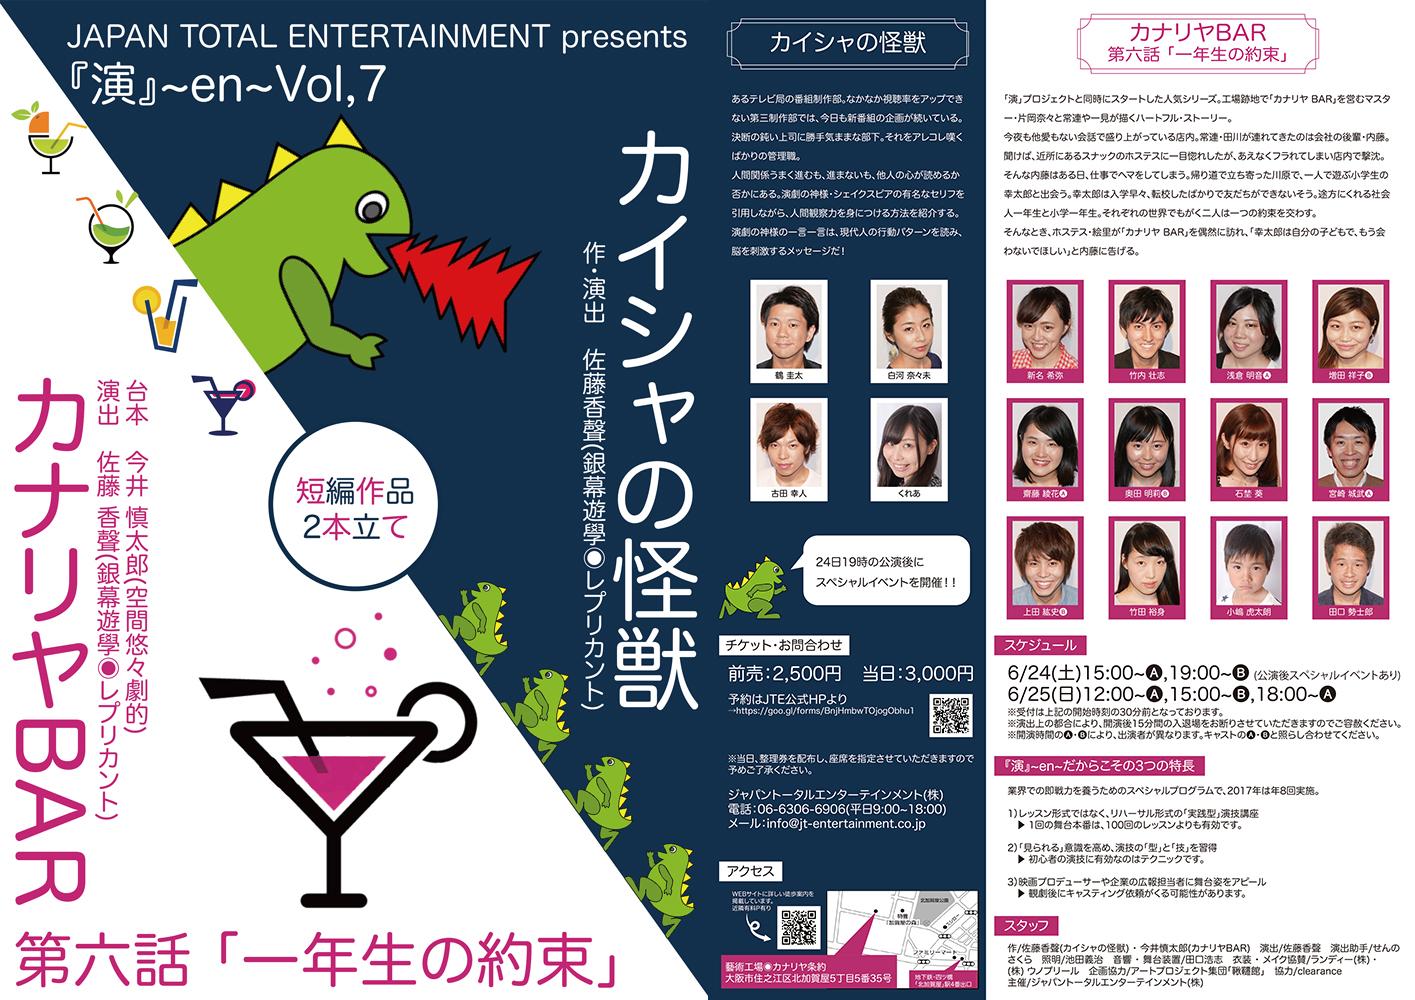 『演』~en~Vol,7 「カイシャの怪獣」・カナリヤBAR 第6話 「一年生の約束」